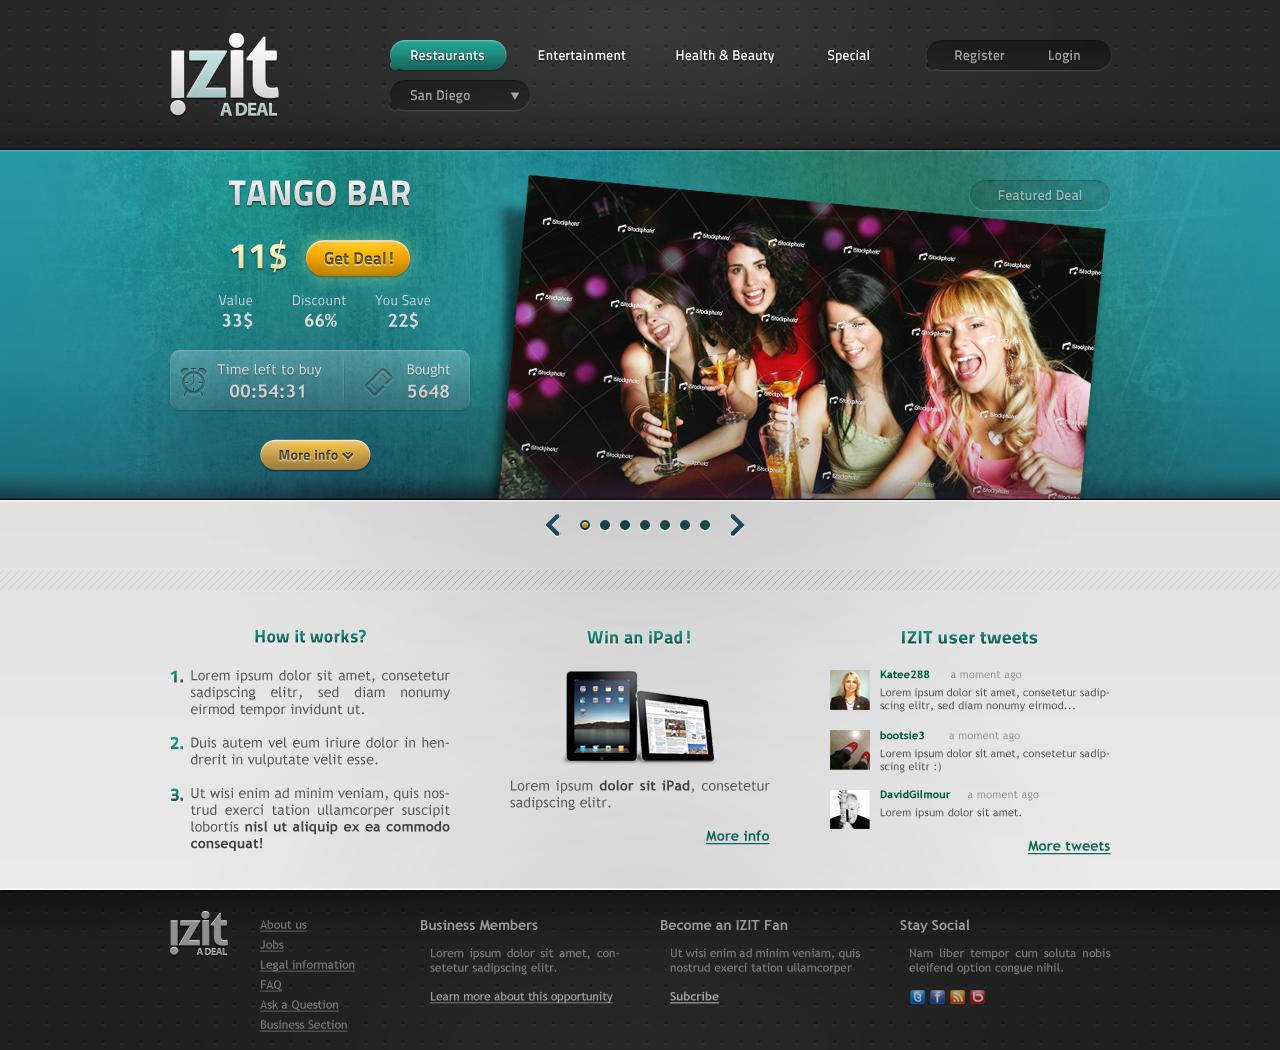 IZIT by Qeep